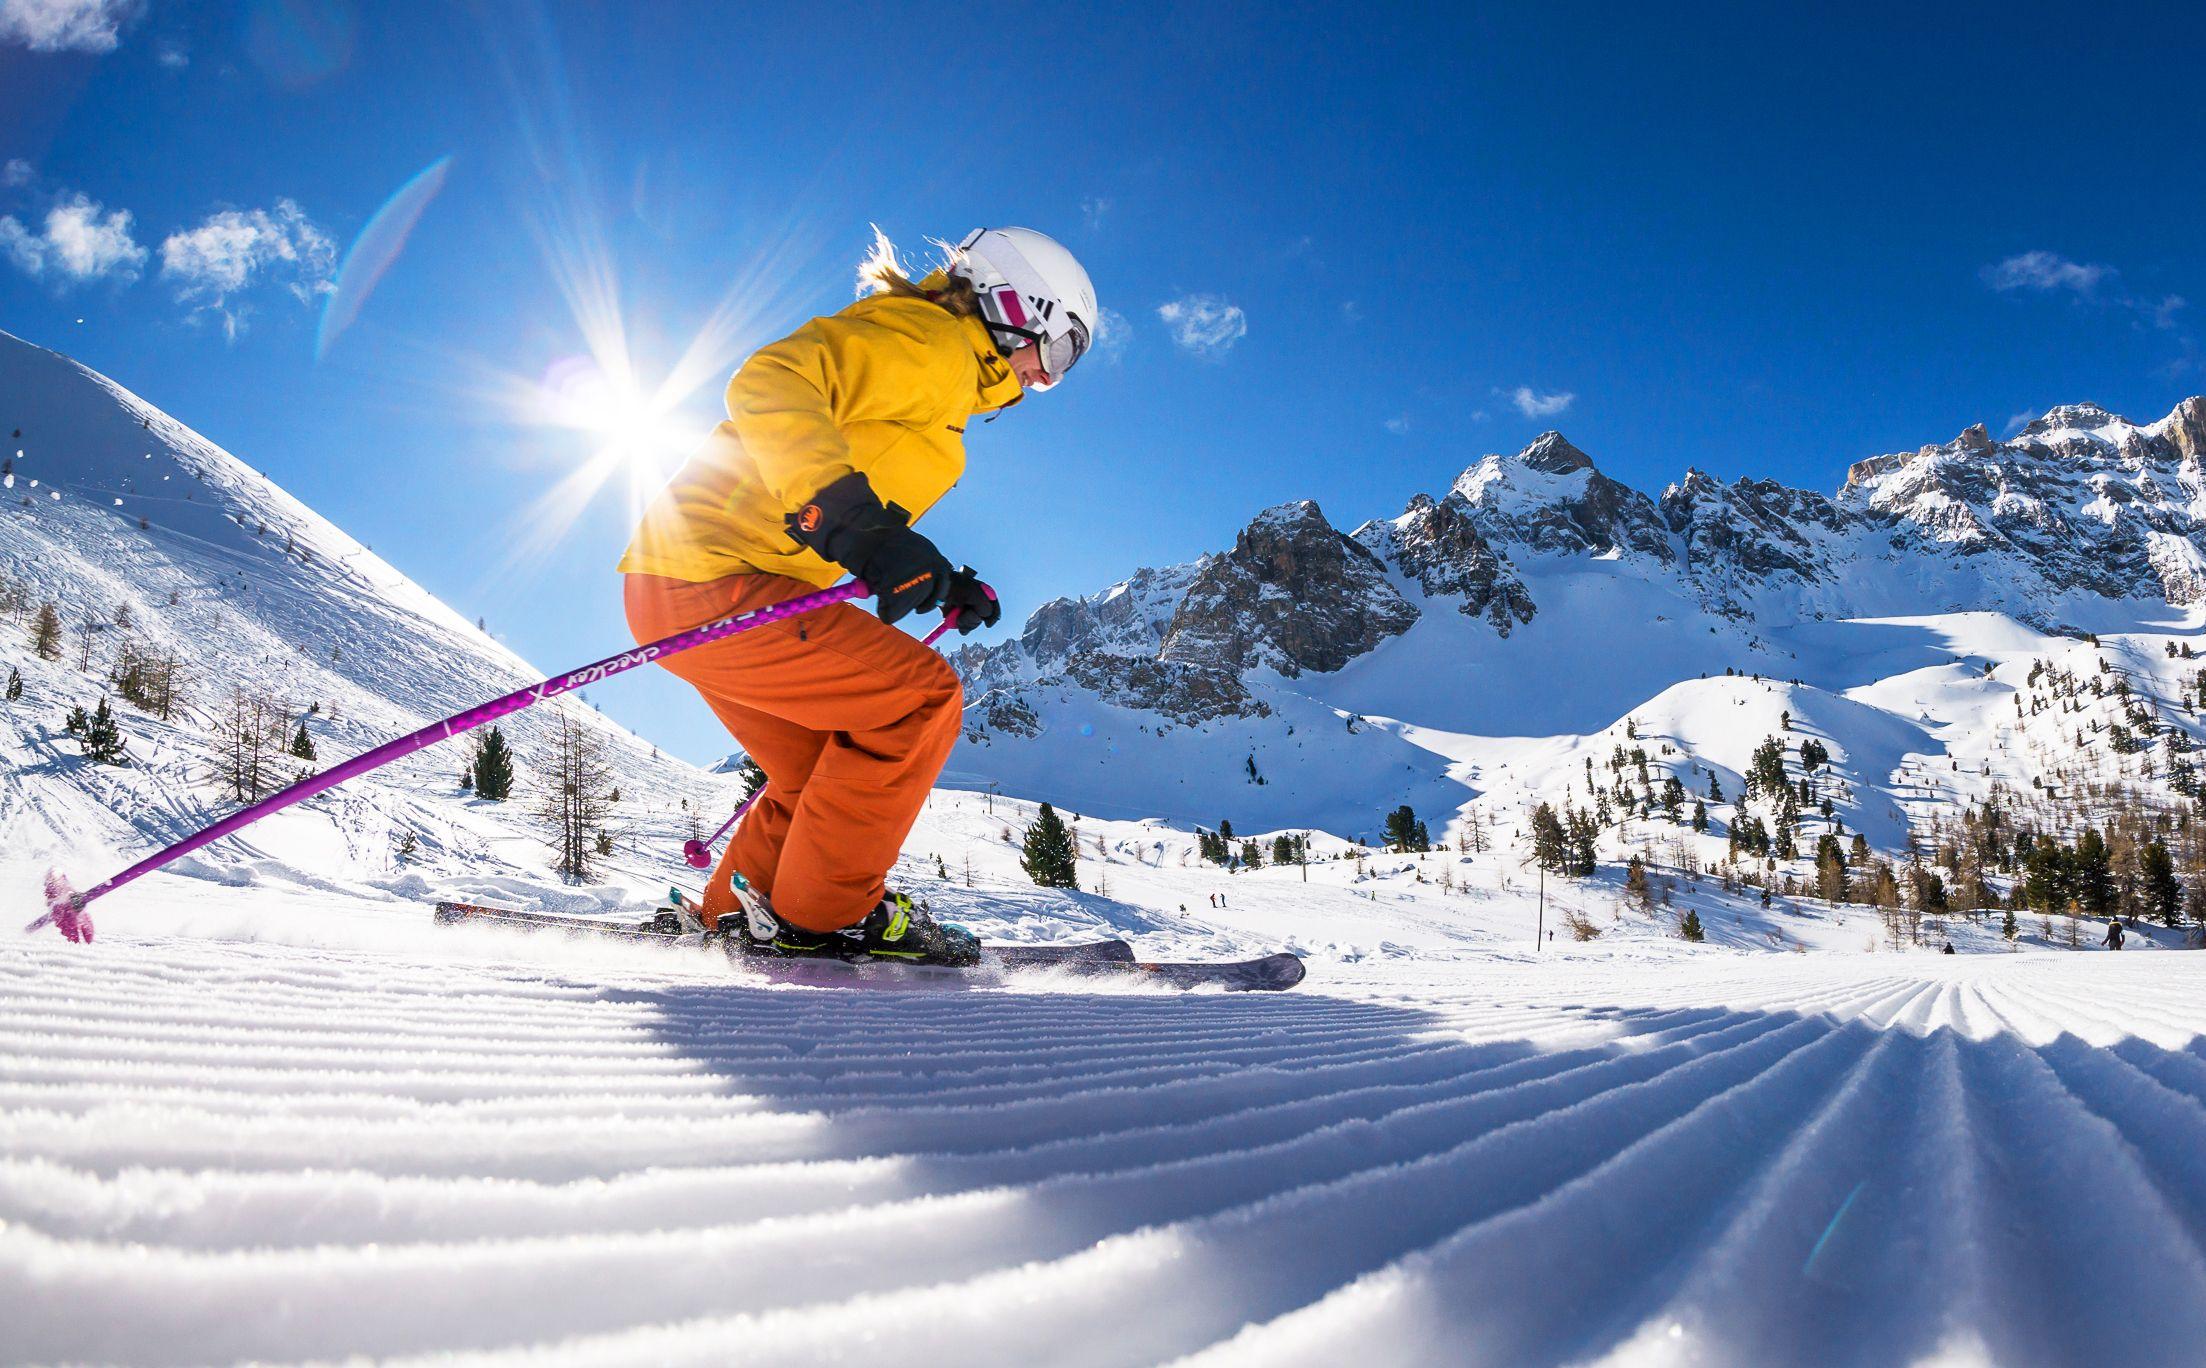 Stelling: hoe beter je skiet, hoe kleiner het gebied mag zijn ...